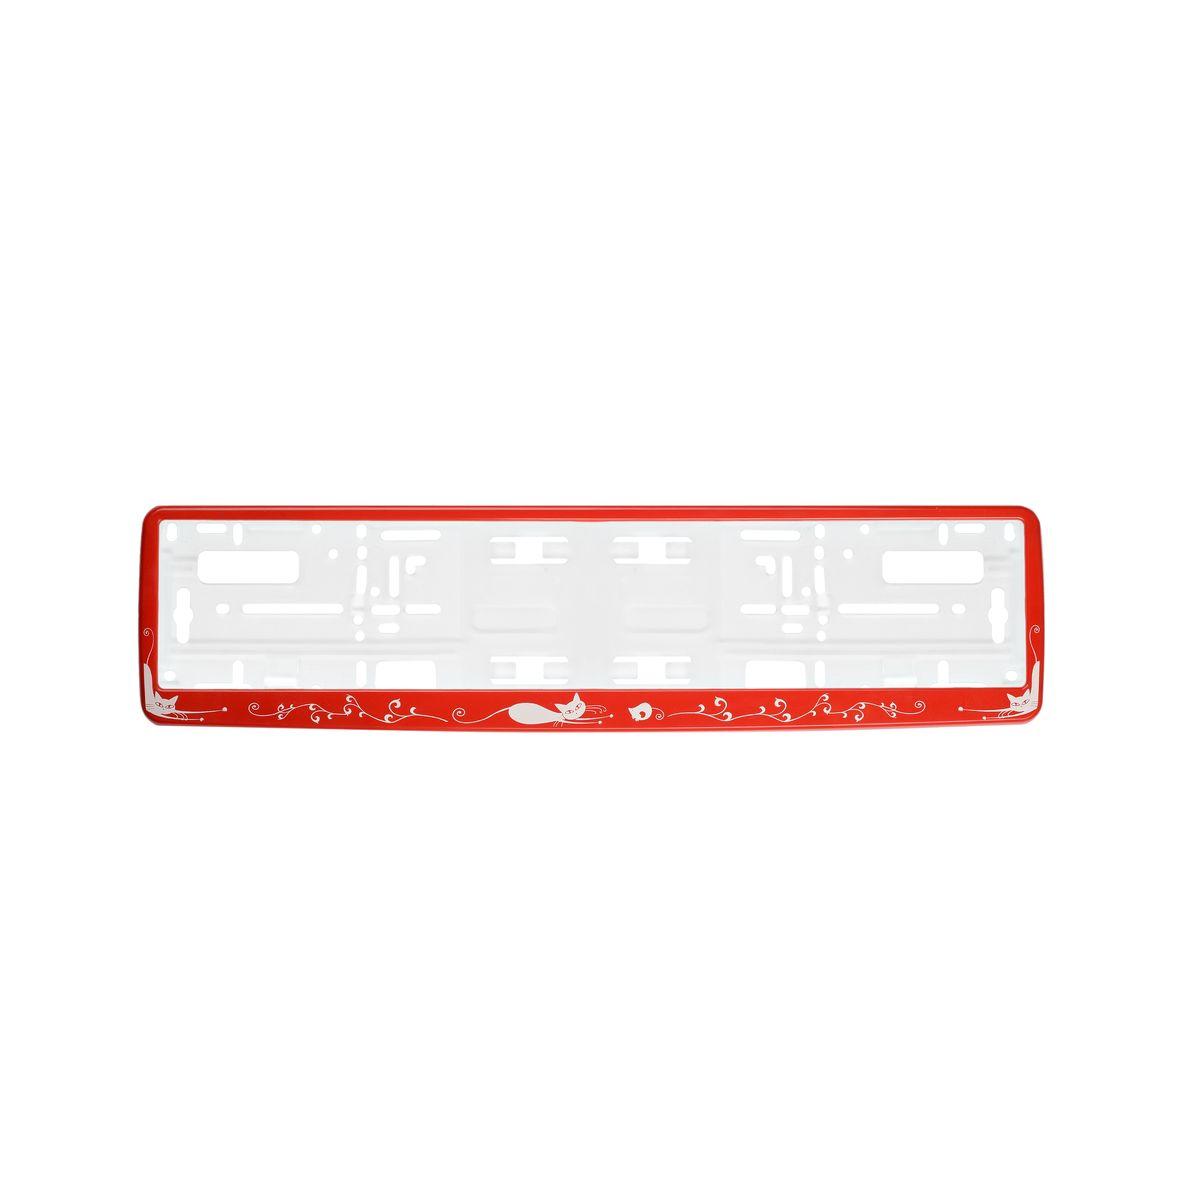 Рамка под номер Кошки, цвет: красныйRC-100BWCРамка Кошки не только закрепит регистрационный знак на вашем автомобиле, но и красиво его оформит. Основание рамки выполнено из полипропилена, материал лицевой панели - пластик.Она предназначена для крепления регистрационного знака российского и европейского образца, декорирована изображением кошек. Устанавливается на все типы автомобилей. Крепления в комплект не входят.Стильный дизайн идеально впишется в экстерьер вашего автомобиля.Размер рамки: 53,5 см х 13,5 см. Размер регистрационного знака: 52,5 см х 11,5 см.